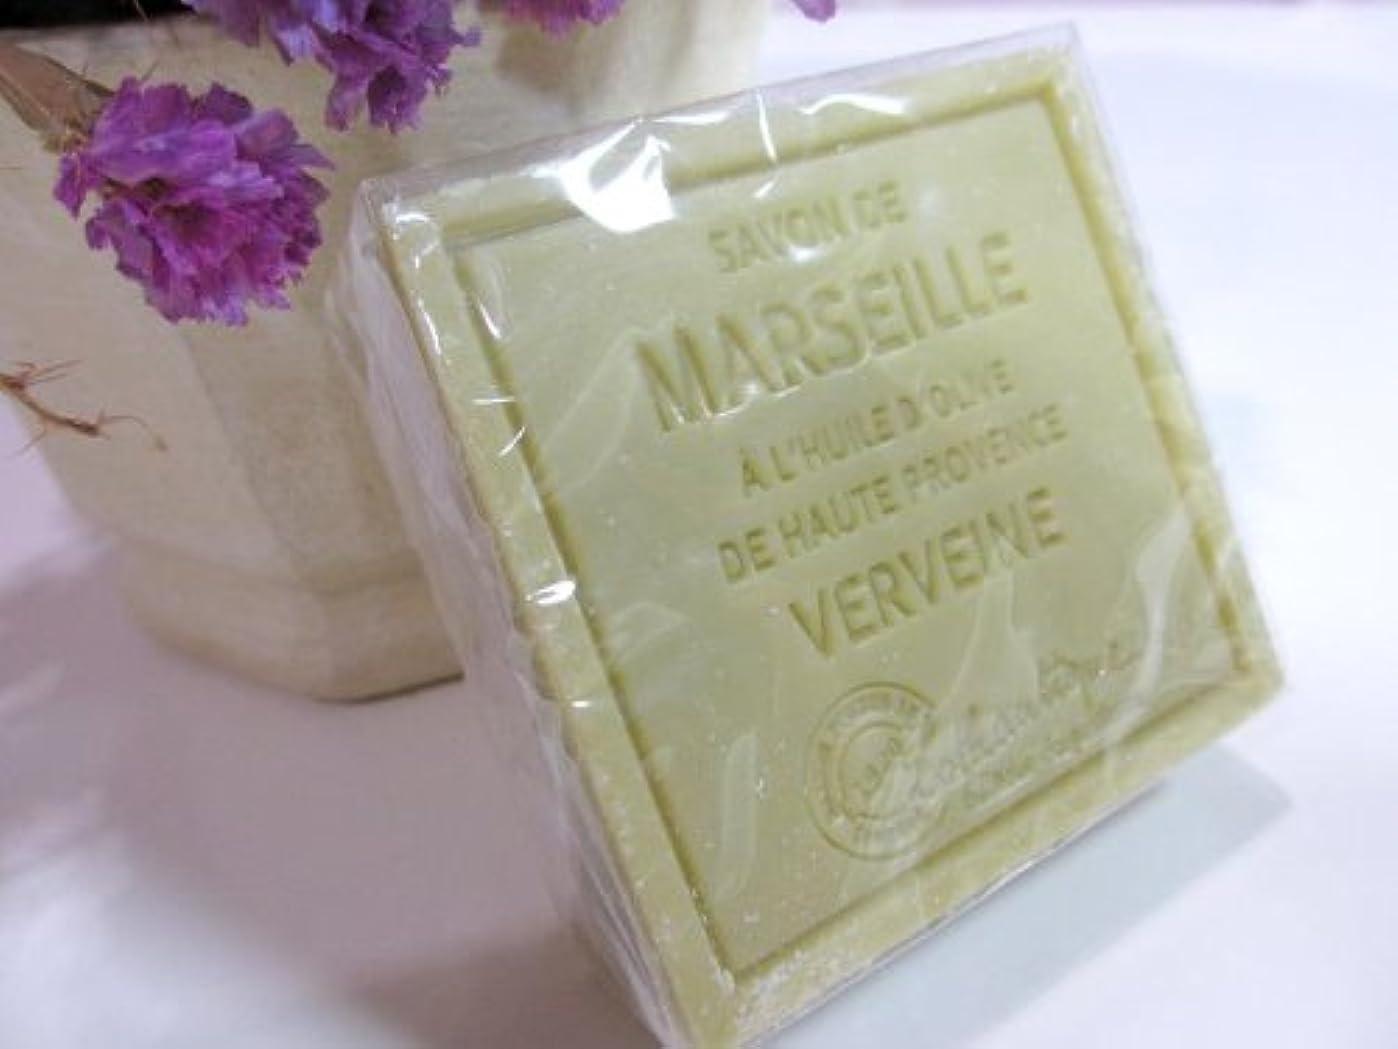 ジャンプ聖書甘くするLothantique(ロタンティック) Les savons de Marseille(マルセイユソープ) マルセイユソープ 100g 「ベルベーヌ」 3420070038142